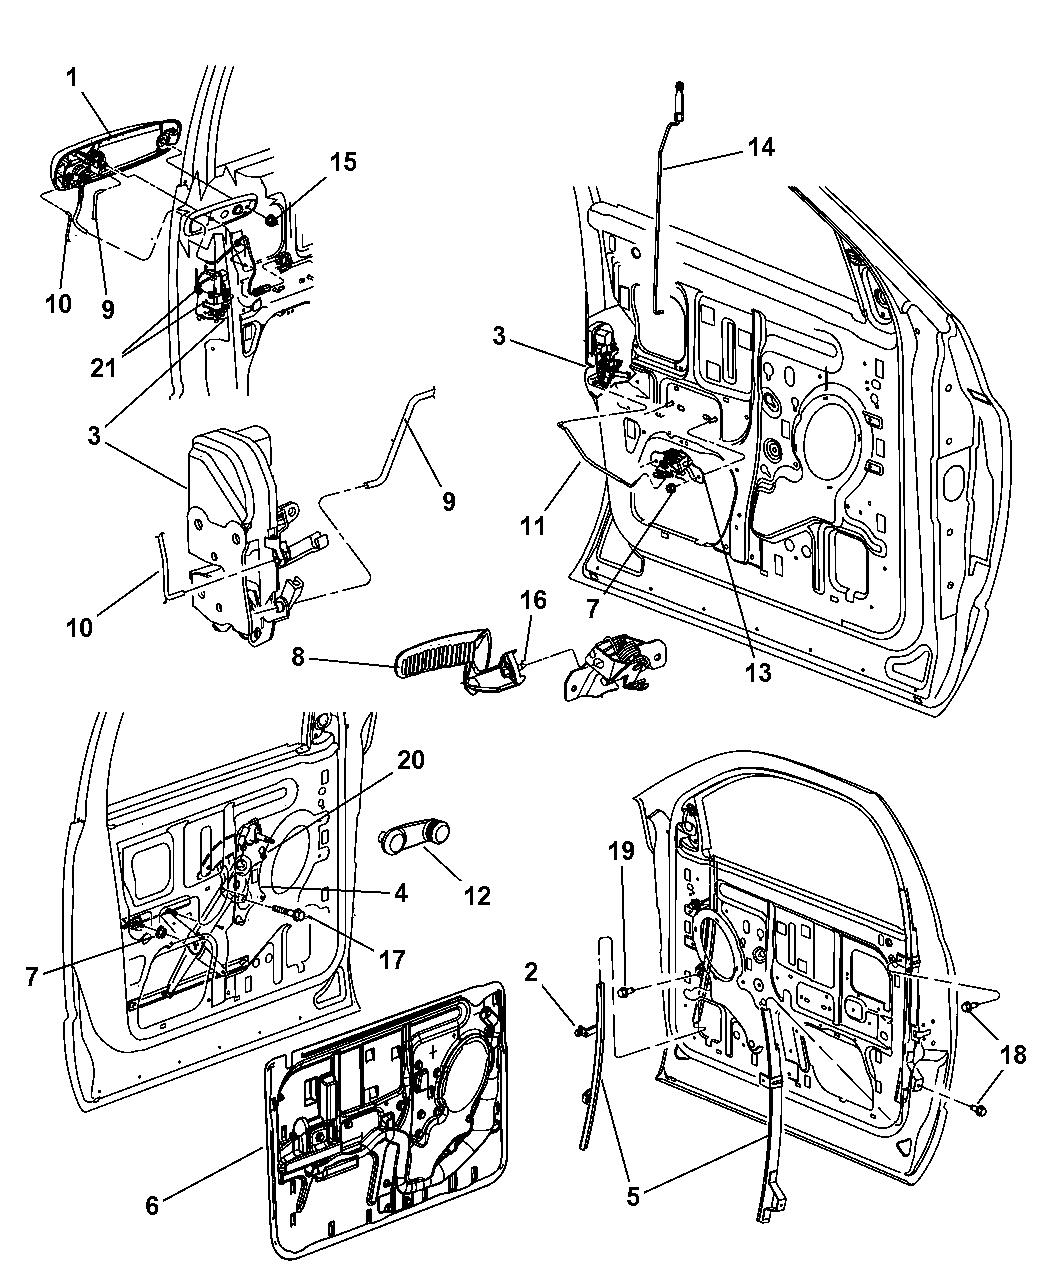 2008 Dodge Ram 2500 Front Door, Hardware Components